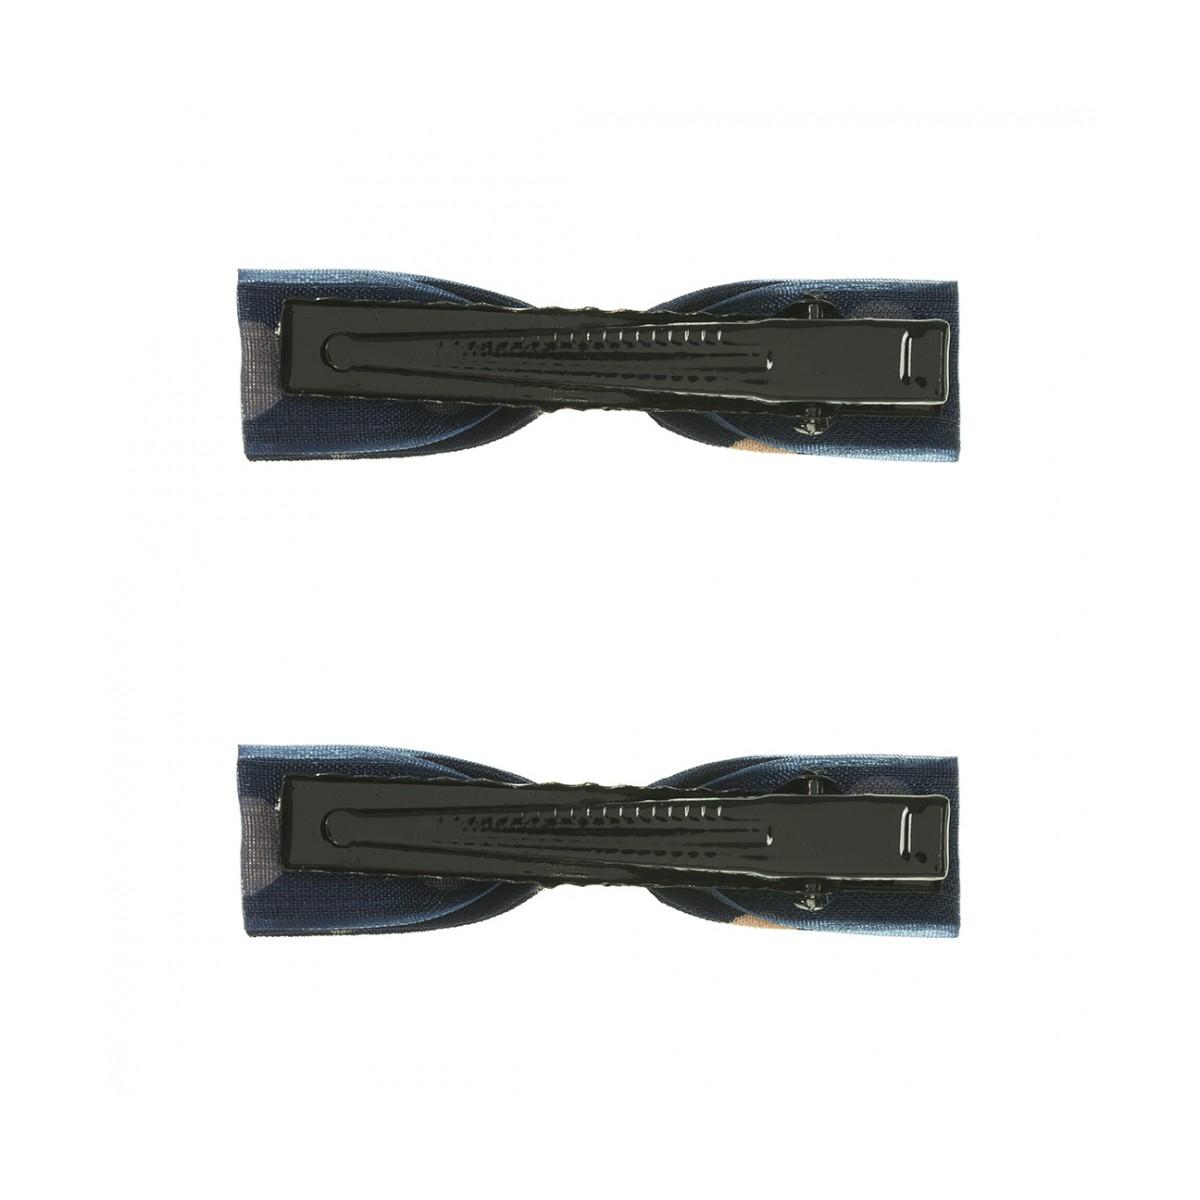 Spinka do włosów 130277-3 (2szt)